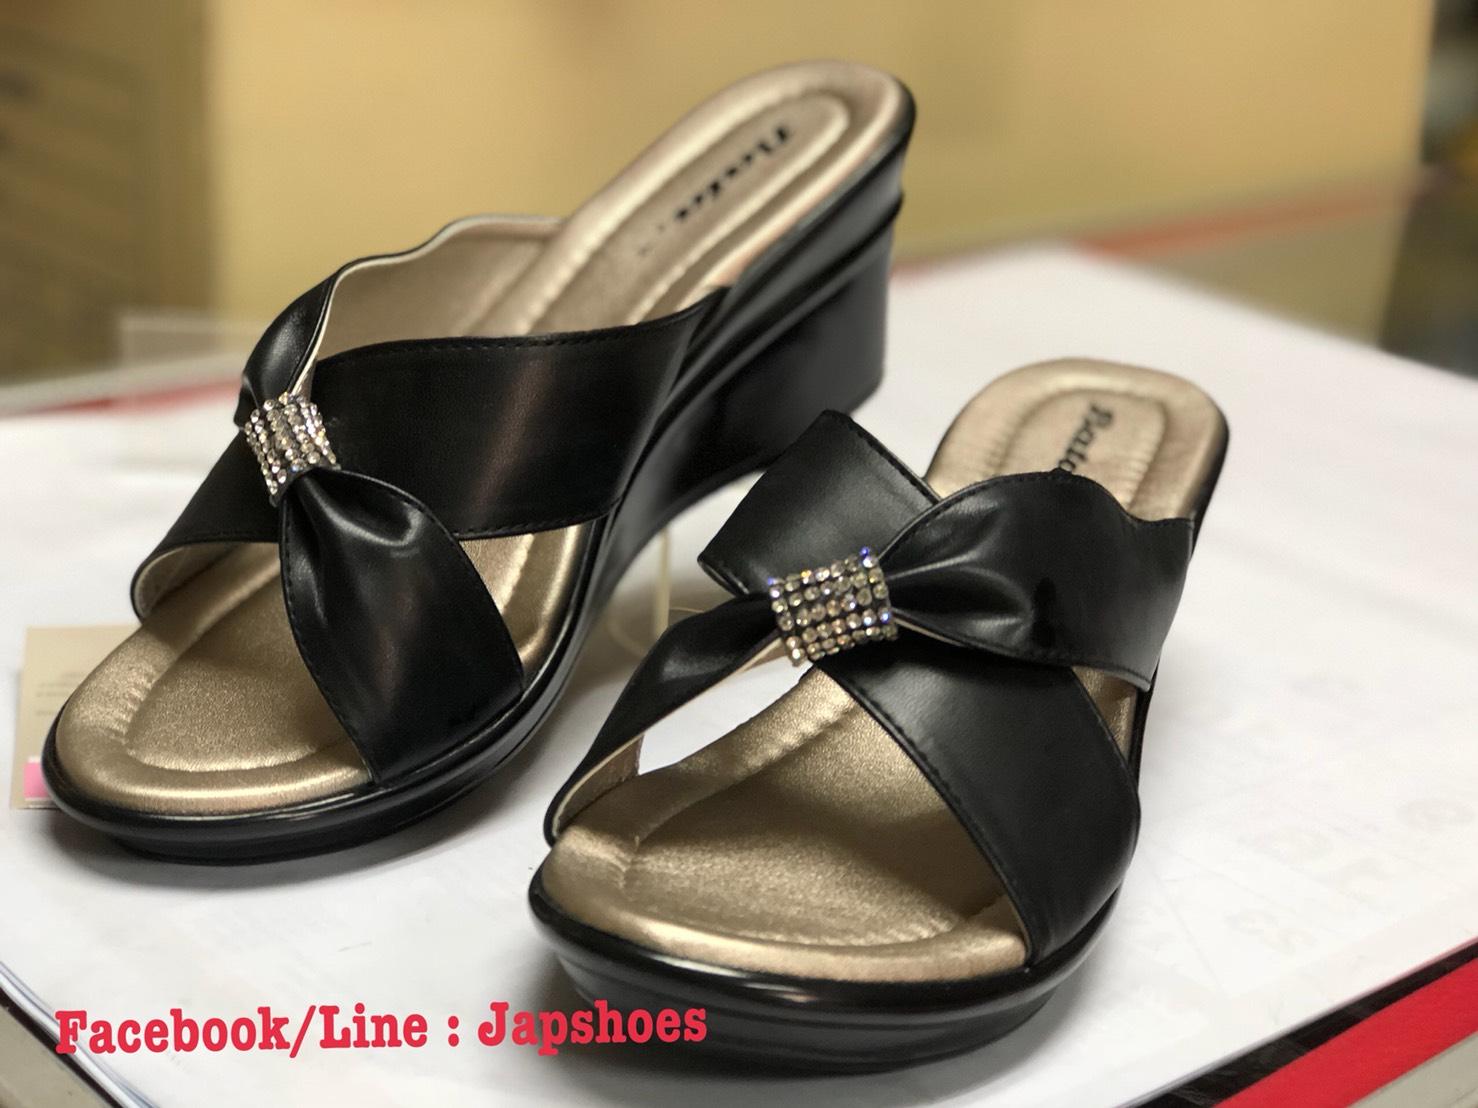 รองเท้าบาจารุ่นโบเพชร สีดำ